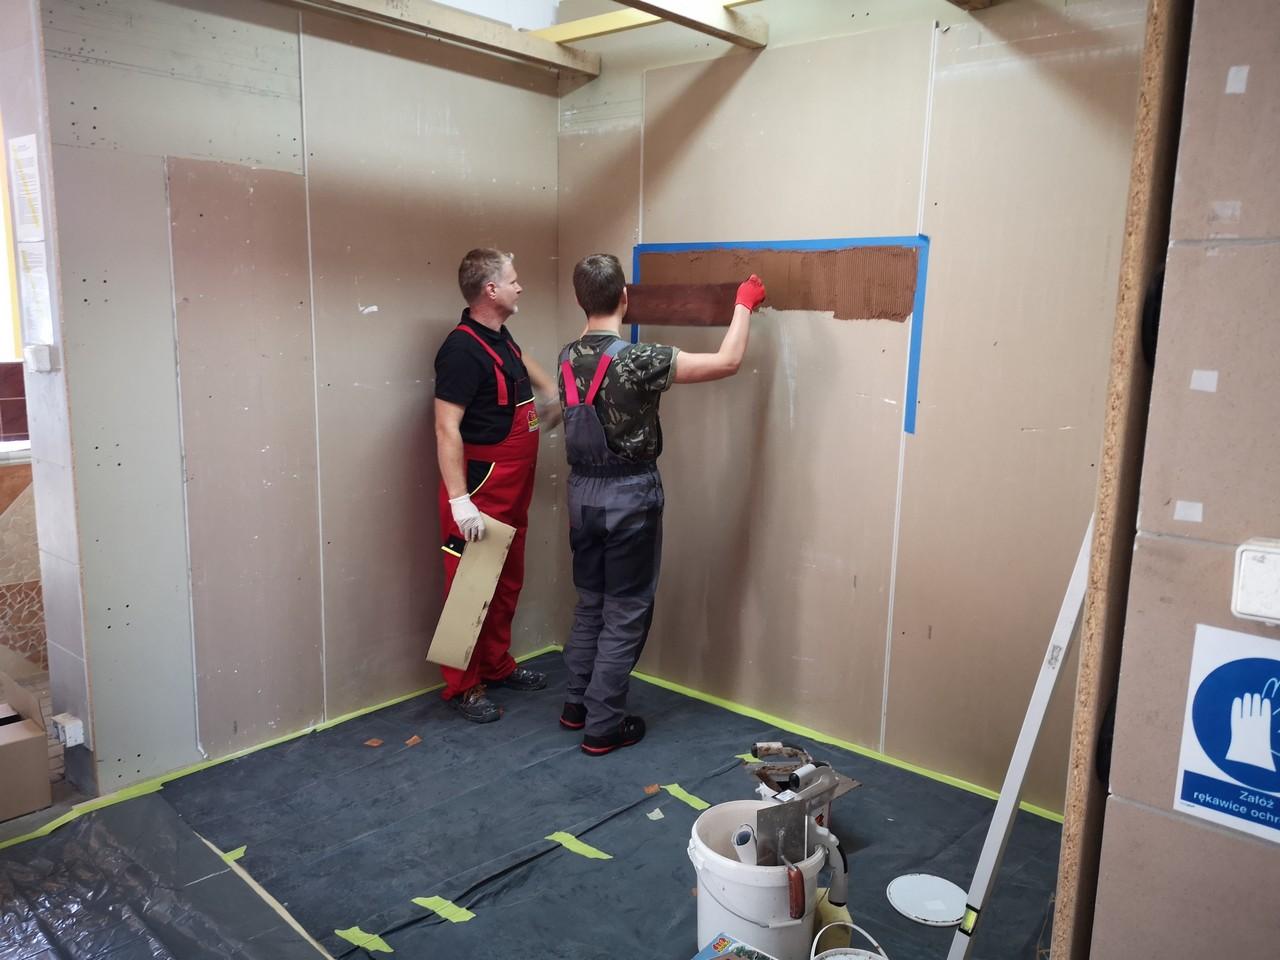 Szkolenie dla uczniów klasy II i I monter zabudowy i robót wykończeniowych  w budownictwie   CKZiU